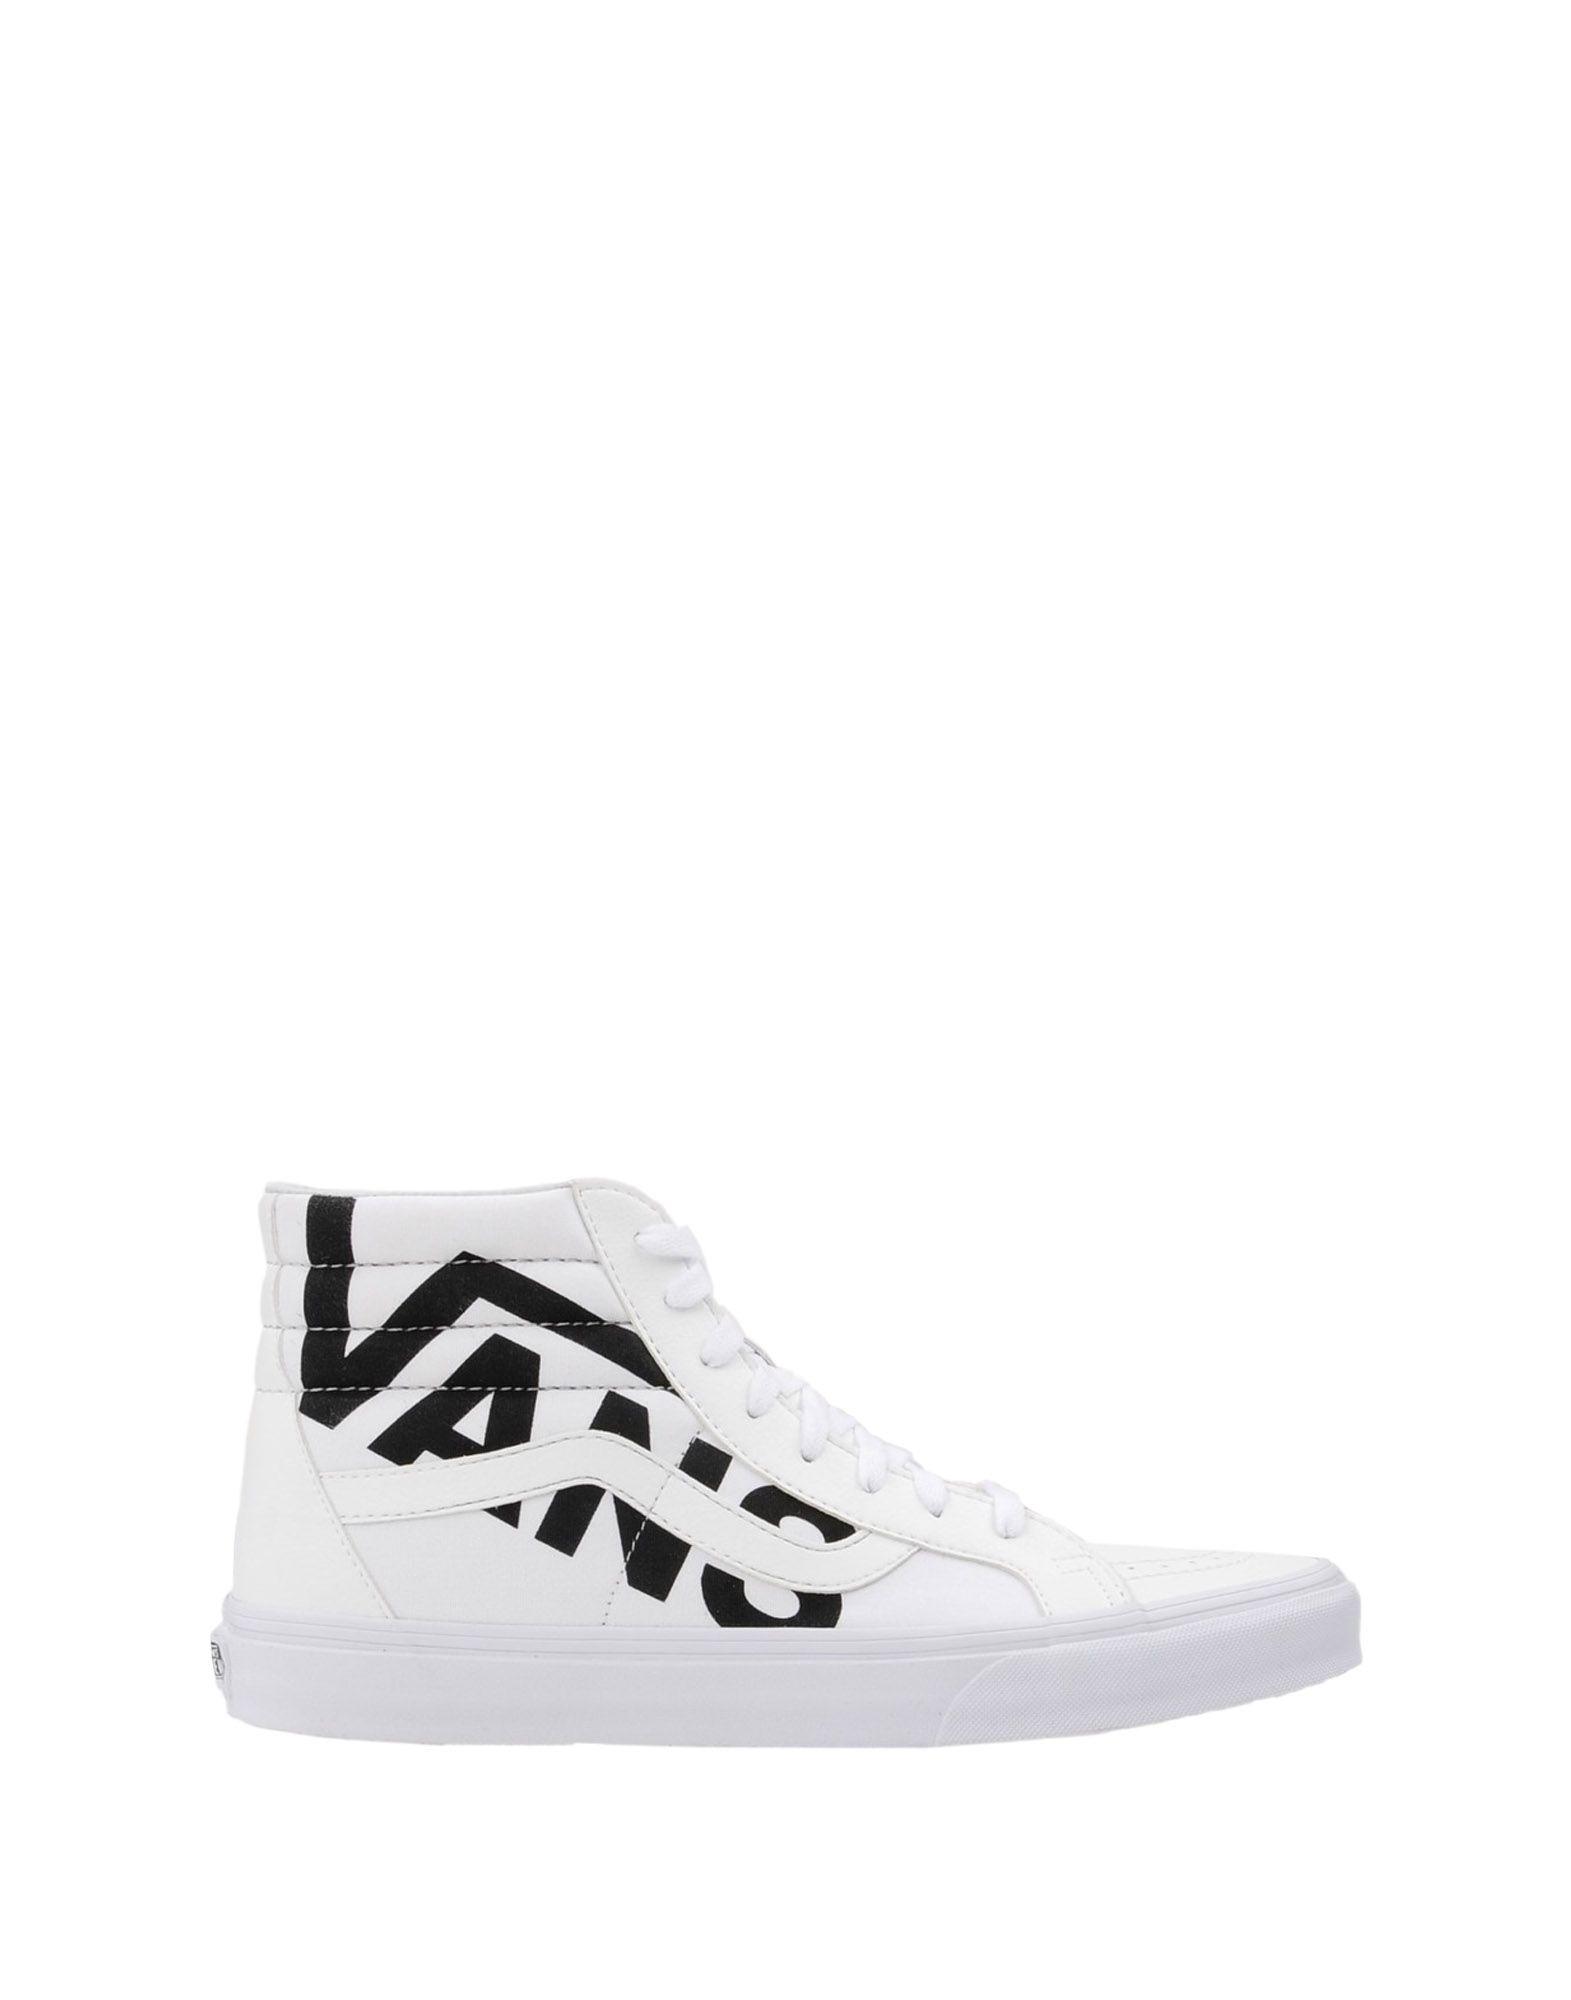 Sneakers Uomo Vans Ua Sk8-Hi Reissue - Uomo Sneakers - 11395358RS 535925